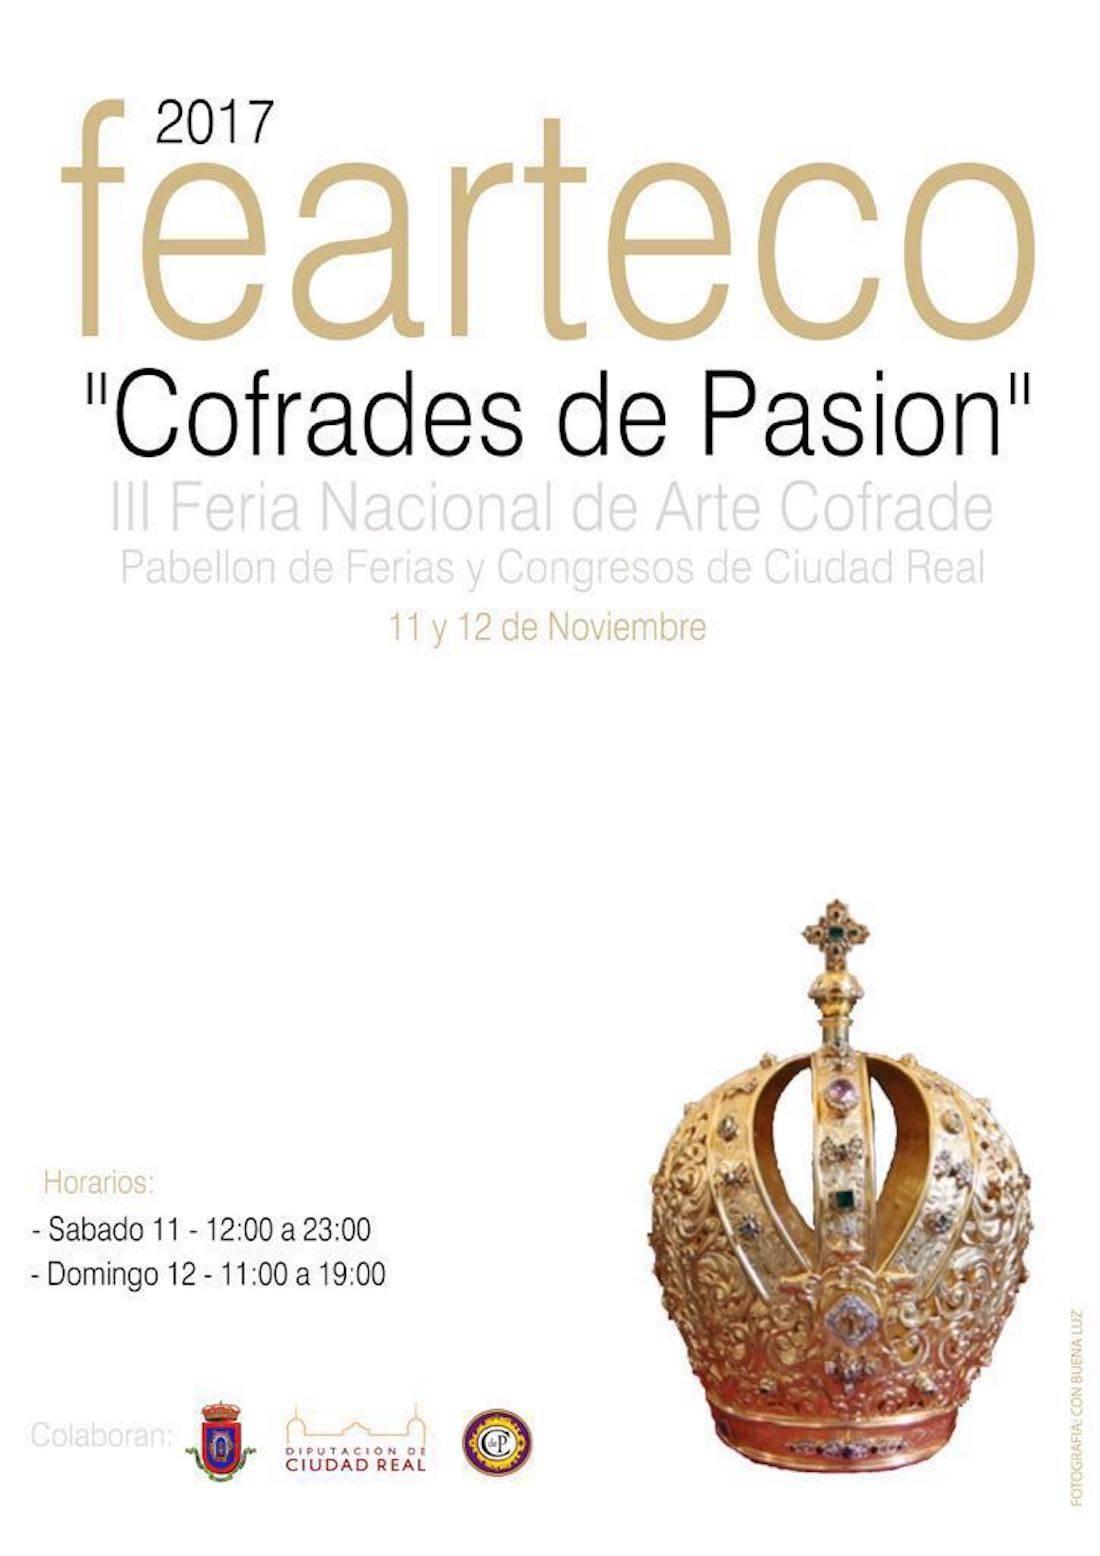 fearteco 2017 cofrades de pasion - Banda Siete Pasos estará en la III Edición de FEARTECO